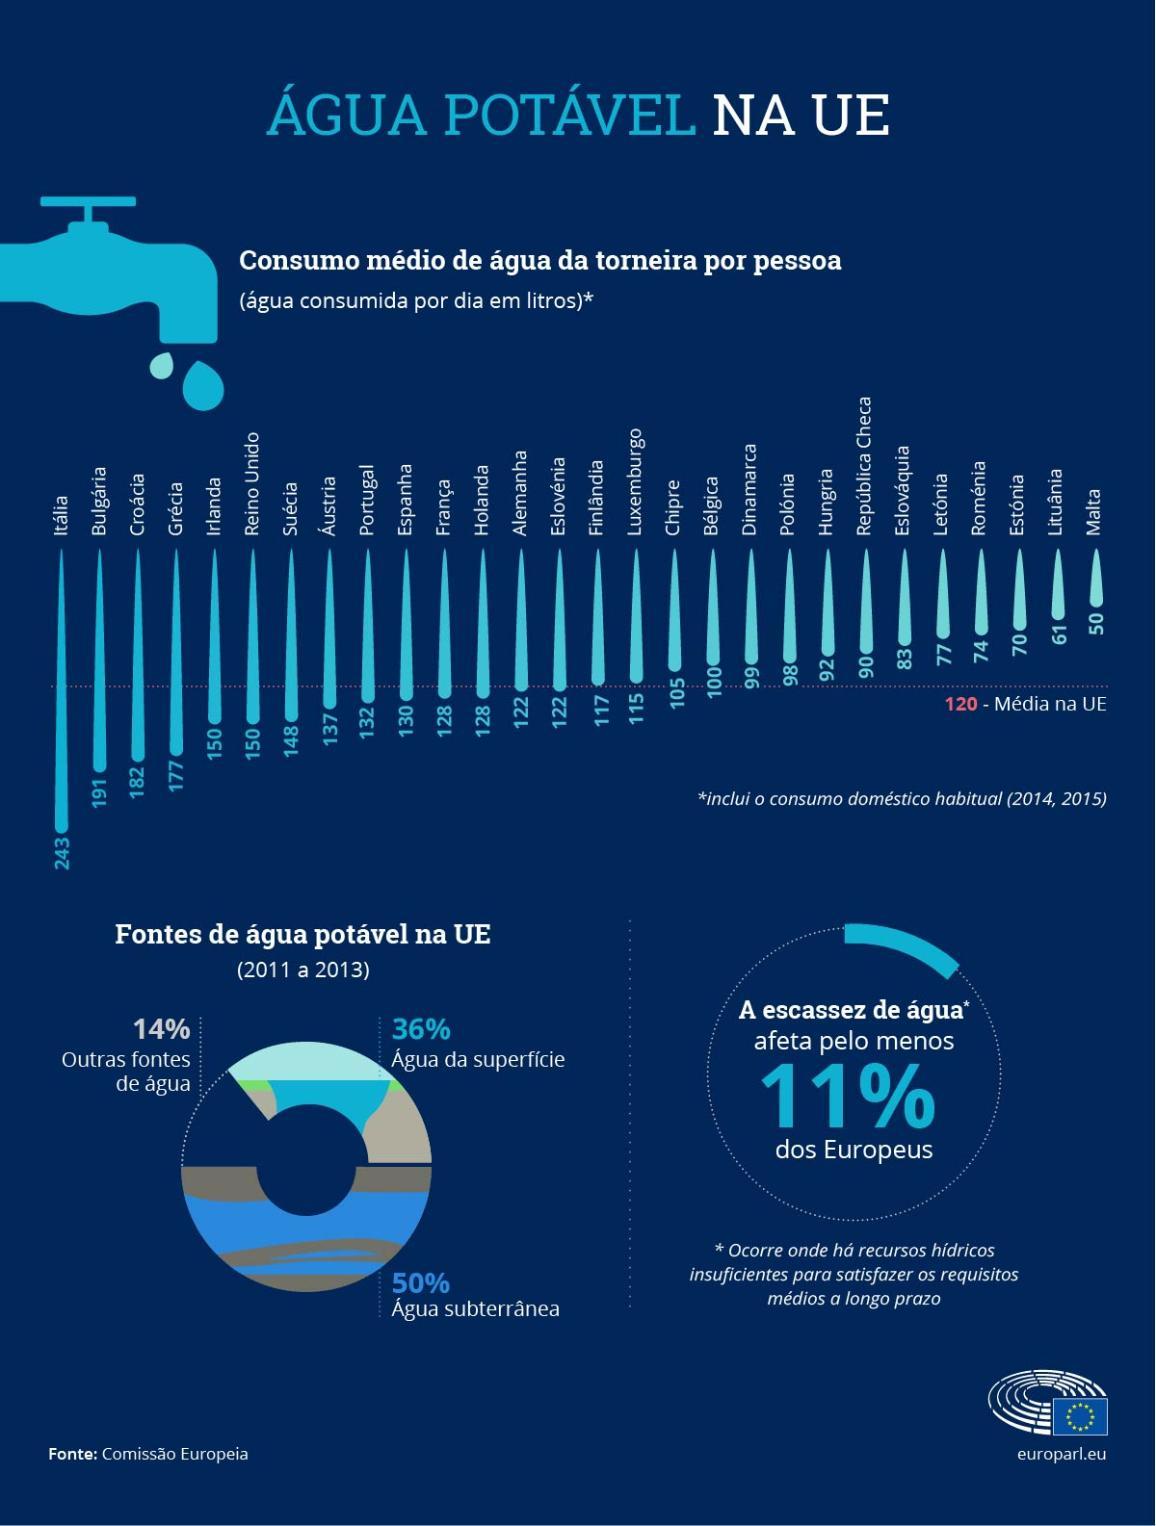 Cada português consome, em média, 132 litros de água por dia.